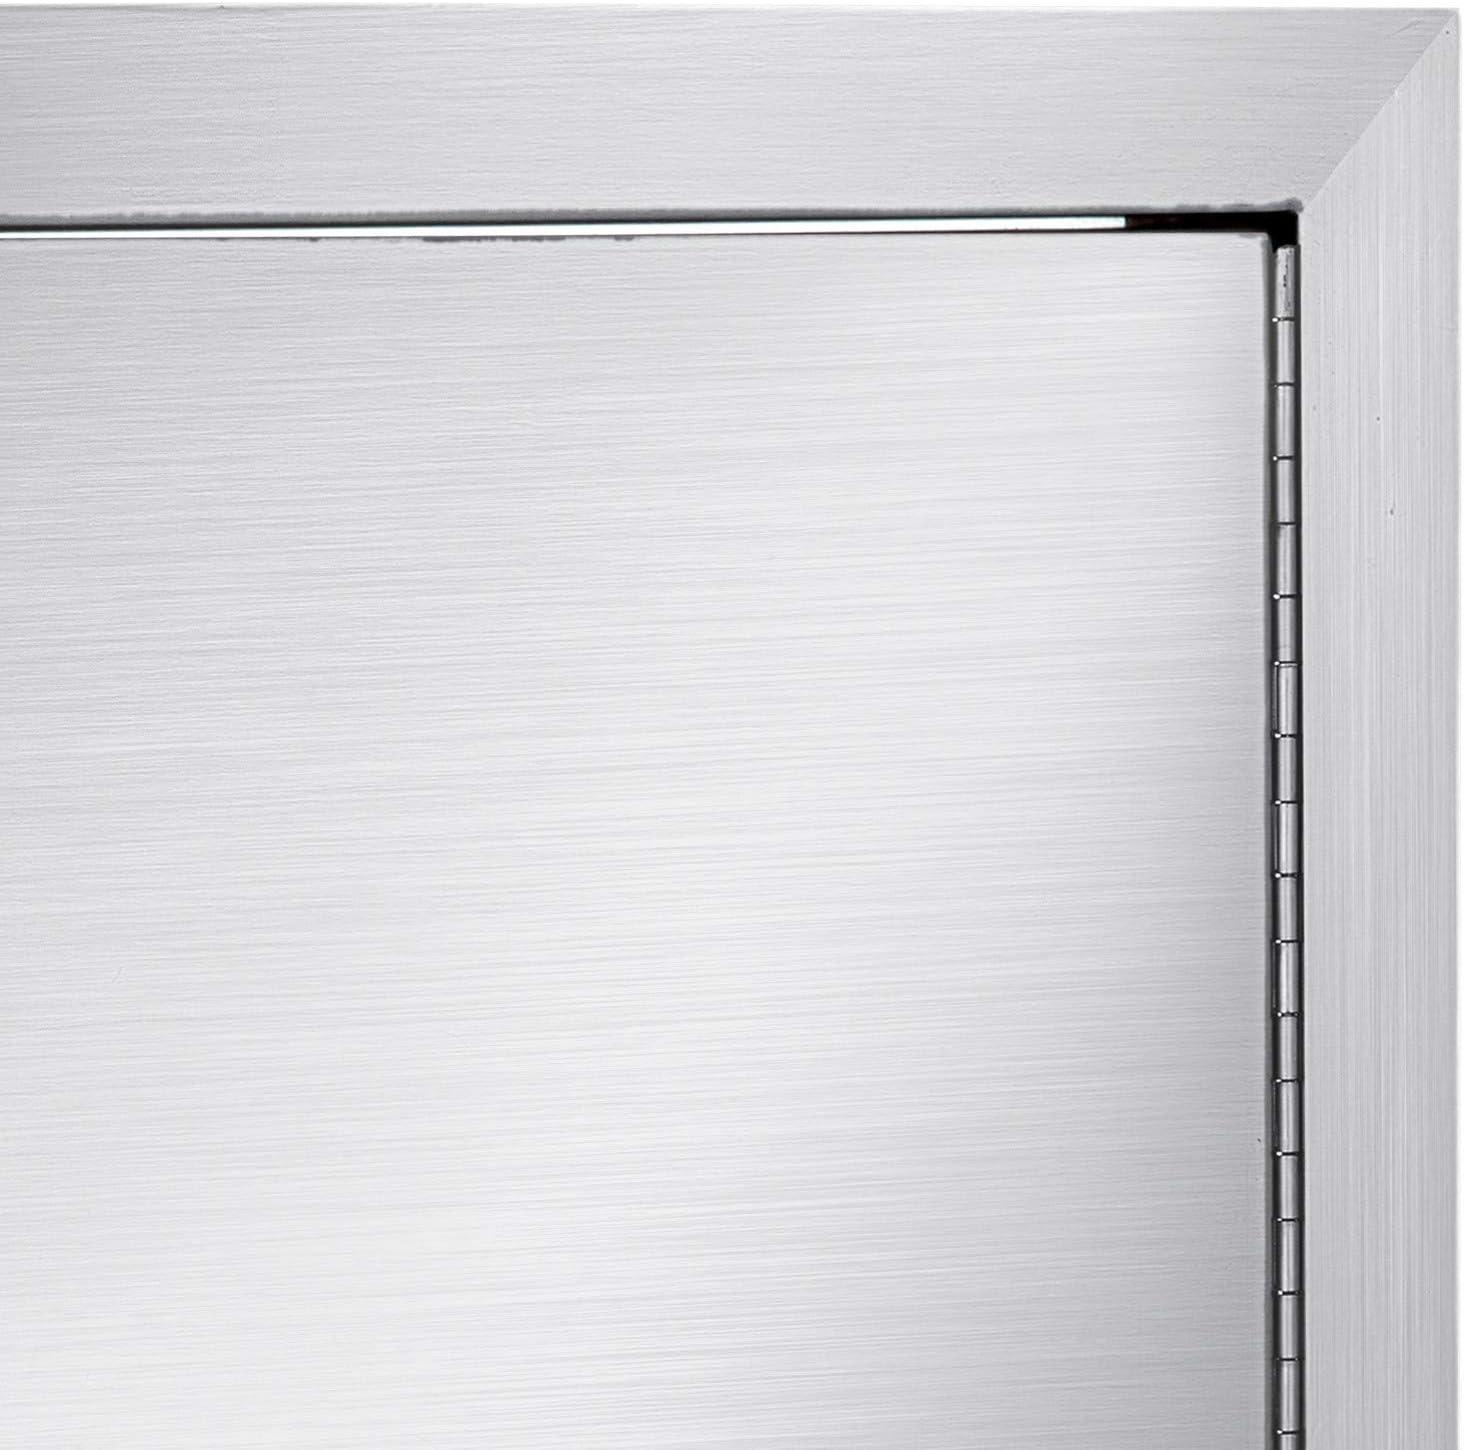 Moracle Puerta de Acceso para Barbacoa de 36 x 51 CM con Respiraderos Puerta Vertical de laIsla Puerta de Acero Inoxidable de Una Sola Puerta para Cocina al Aire Libre